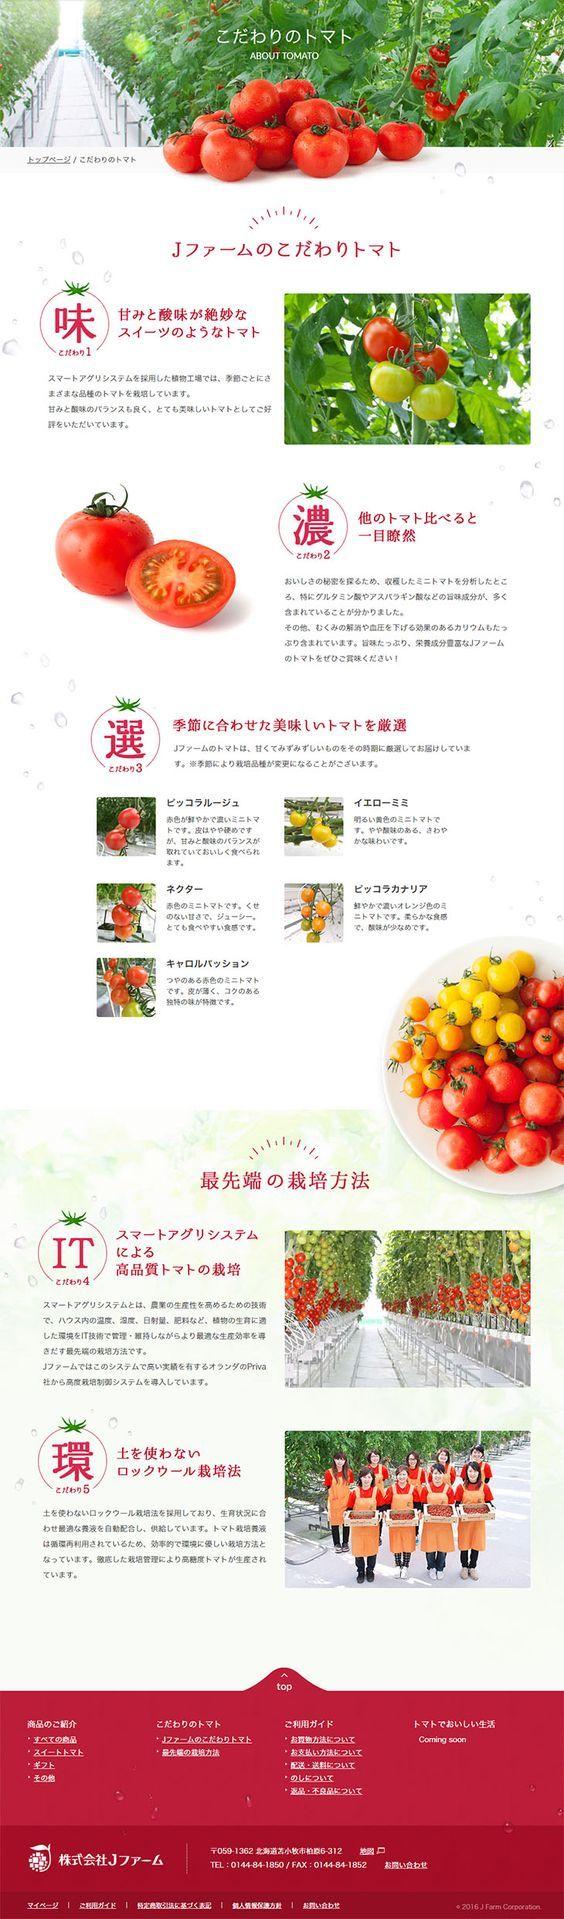 こだわりのトマト【食品関連】のLPデザイン。WEBデザイナーさん必見!ランディングページのデザイン参考に(シンプル系):